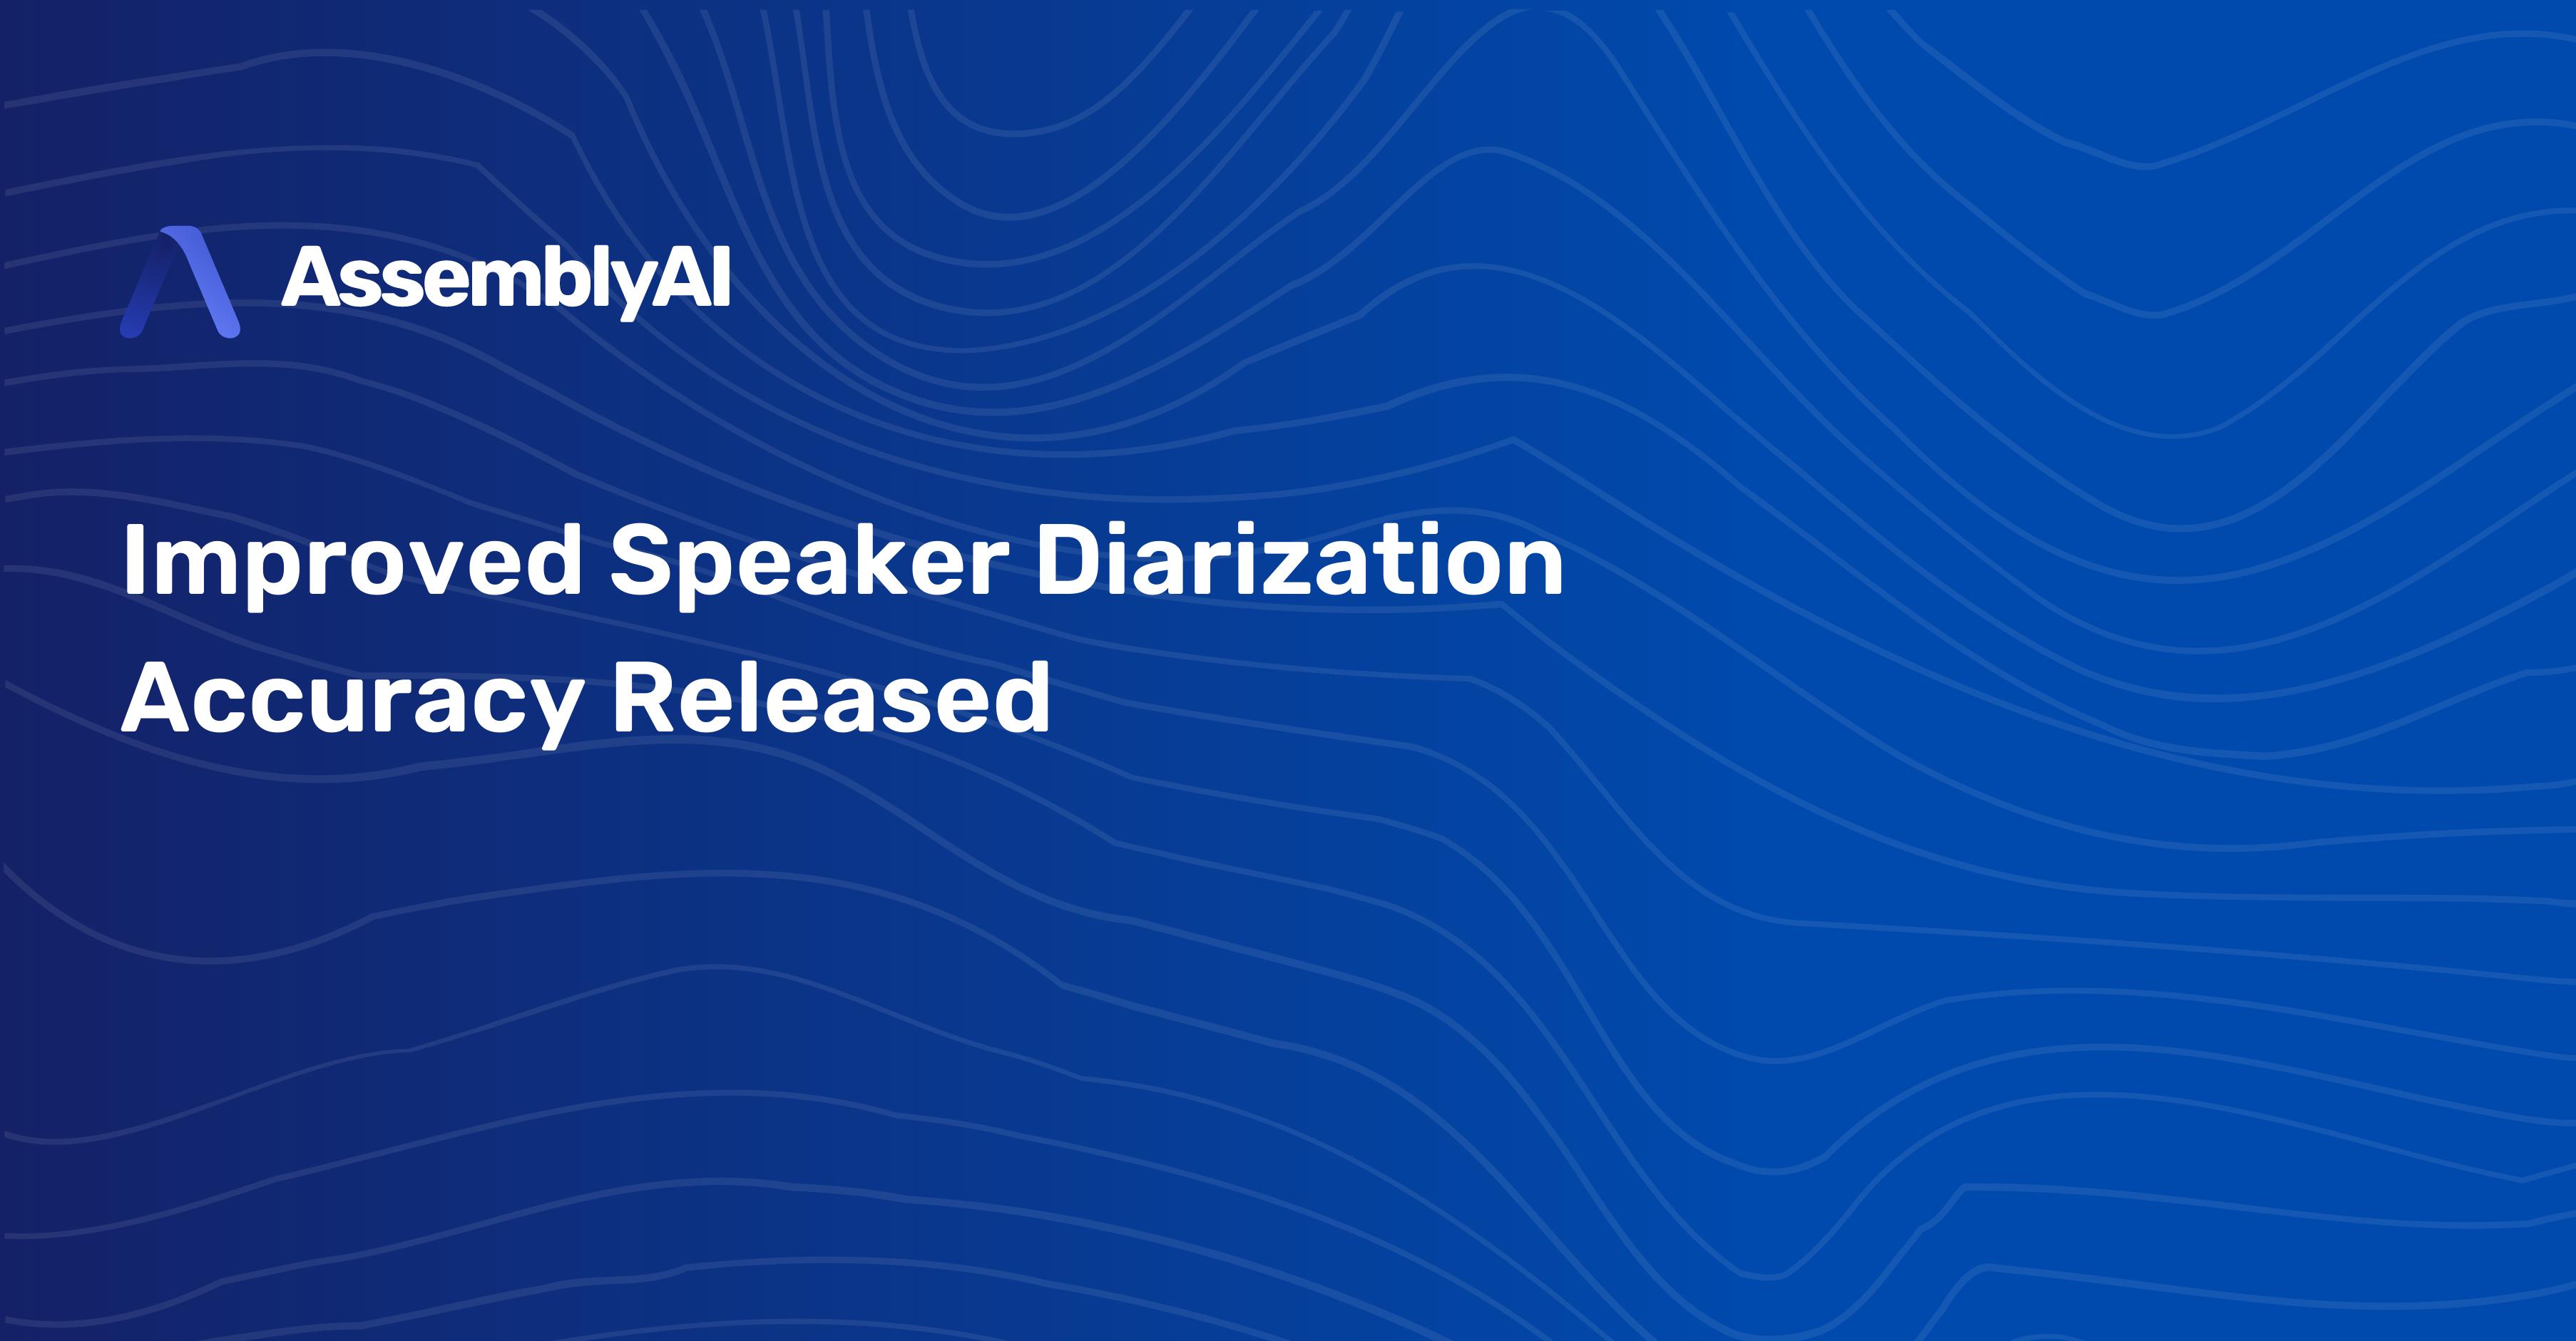 Changelog: New Speaker Diarization model released